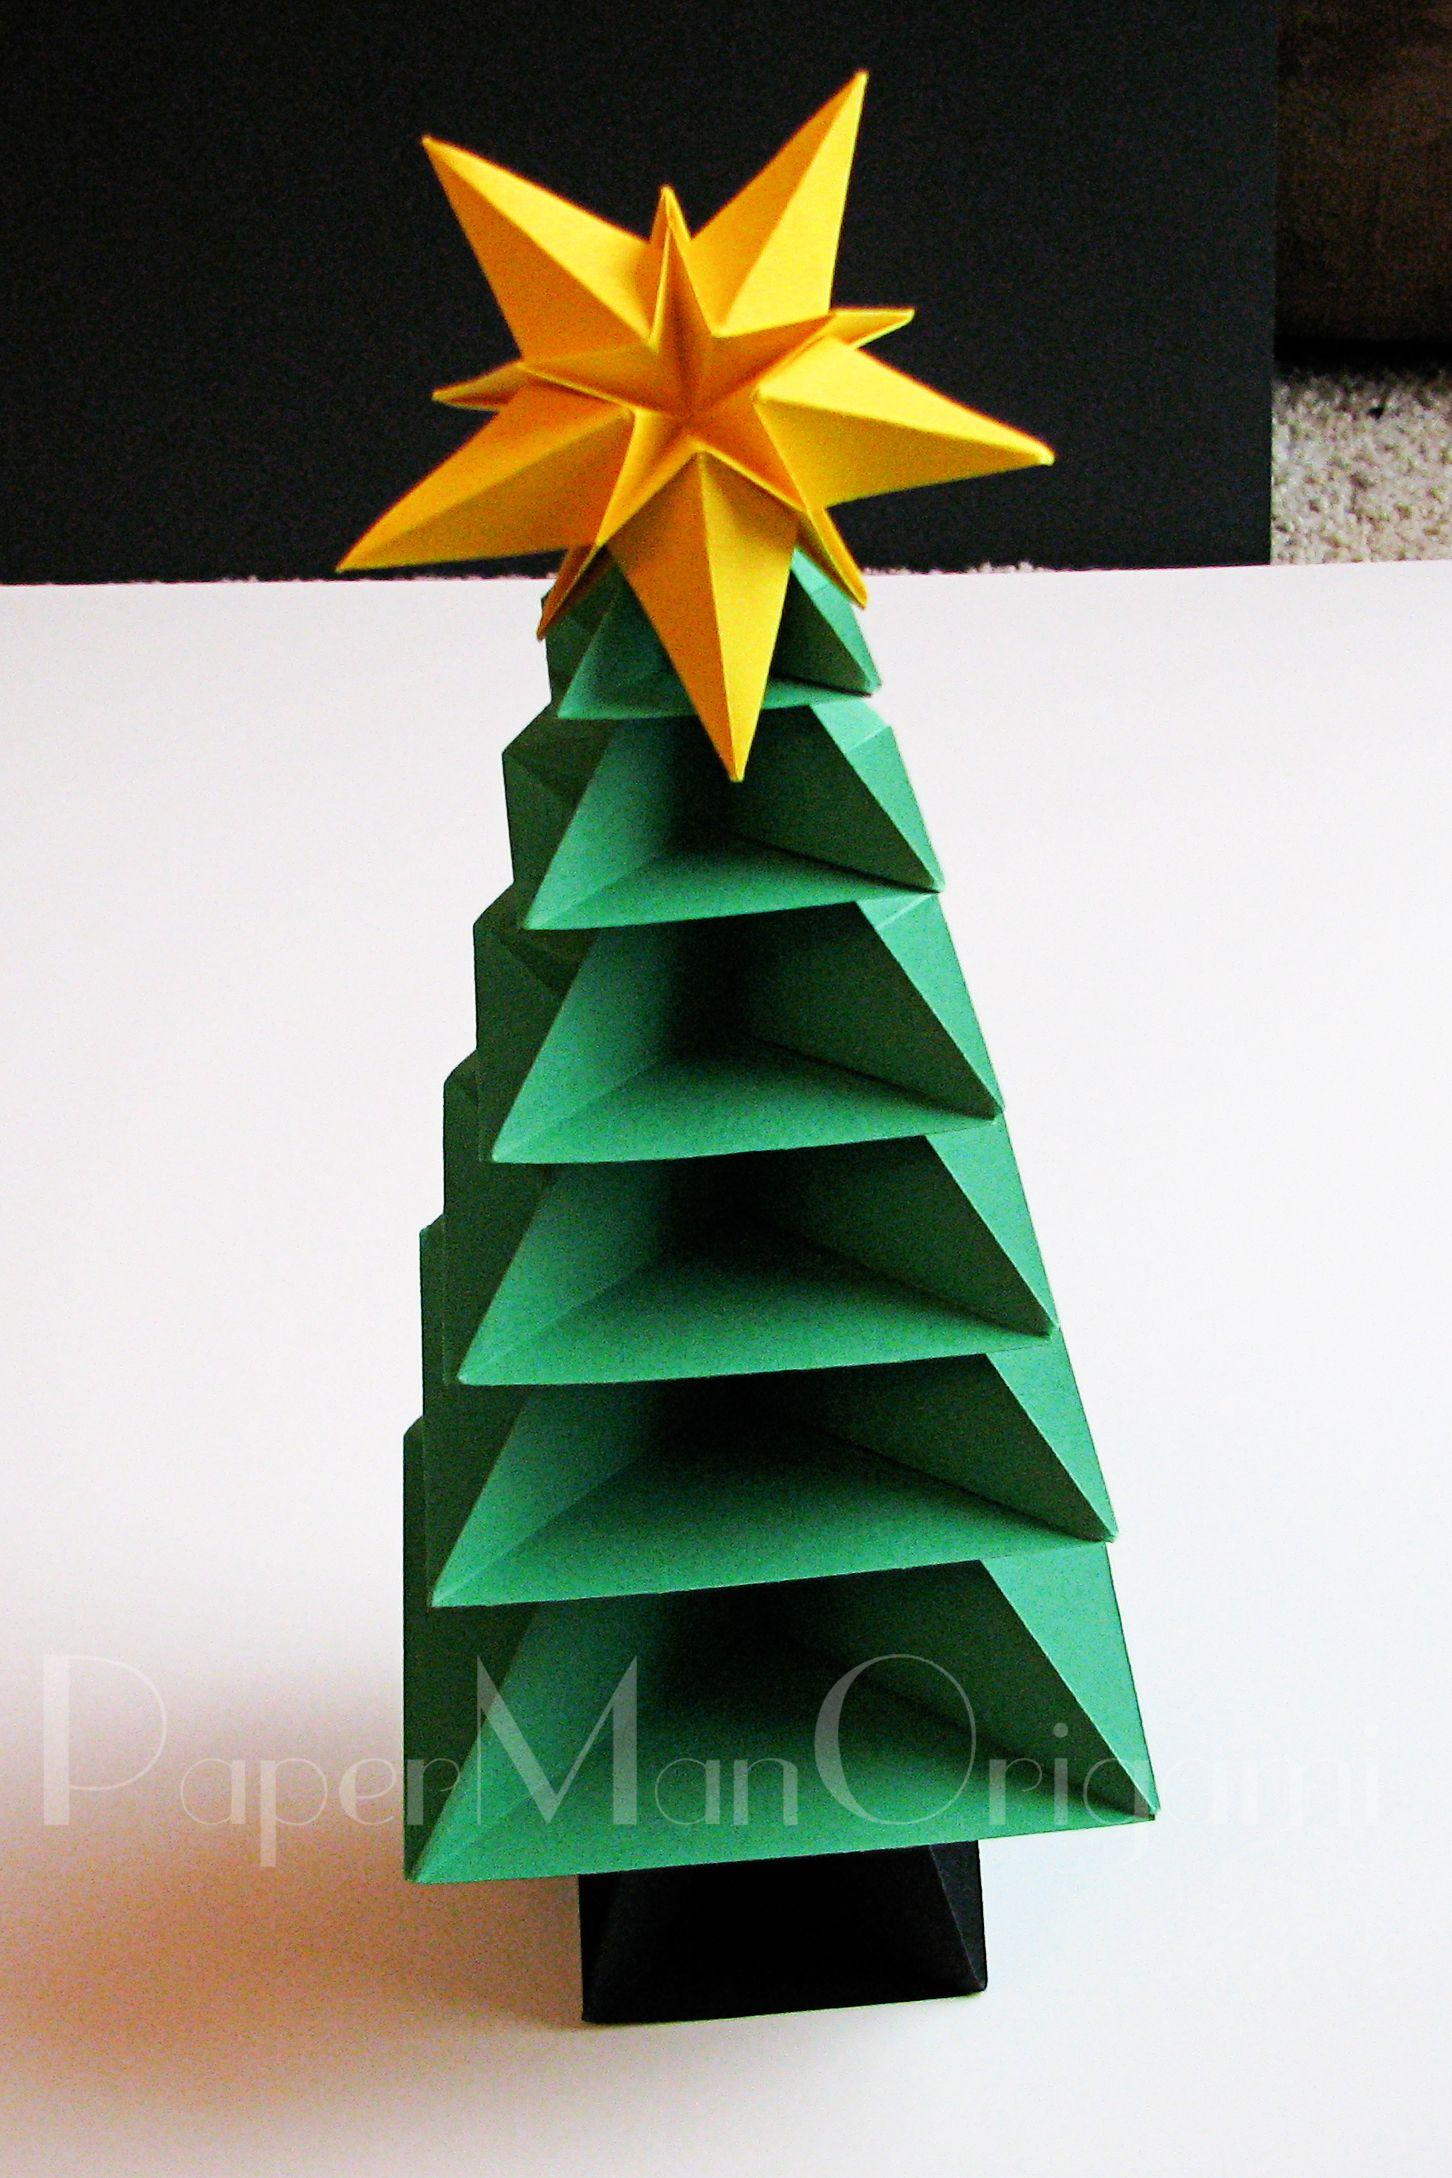 Origami Christmas Tree Tutorial 36 Copypmowatermarked 2